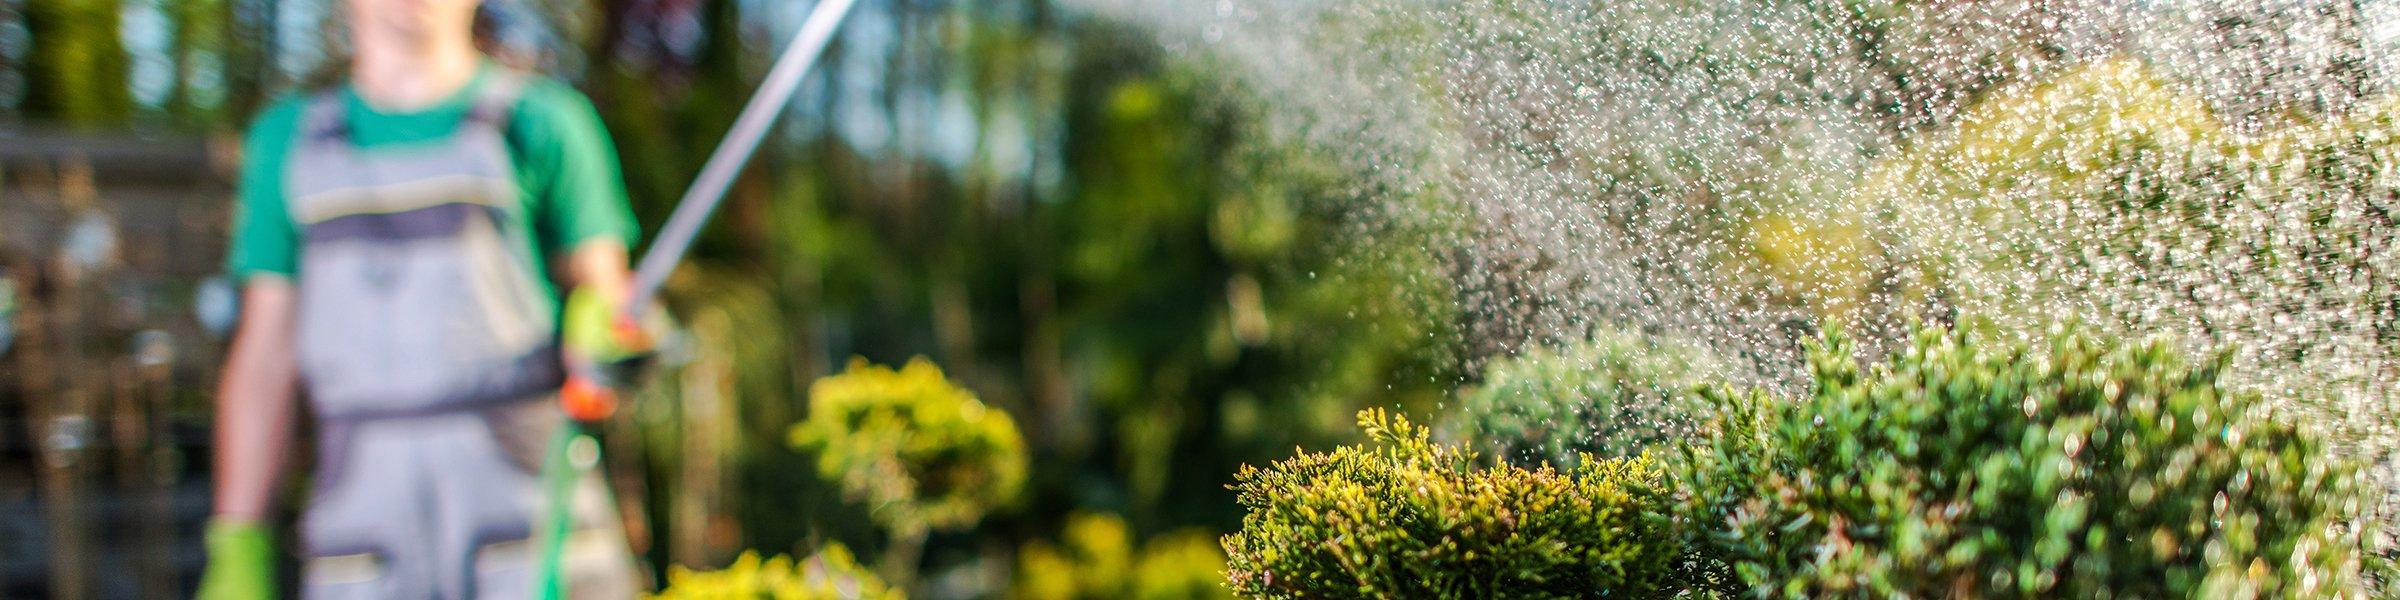 Full Size of Bewässerungssysteme Garten Test Bewsserung Produkte Im Vergleich 2020 Heimwerkerde Edelstahl Whirlpool Liegestuhl Fußballtore Lounge Sofa Sichtschutz Holz Garten Bewässerungssysteme Garten Test